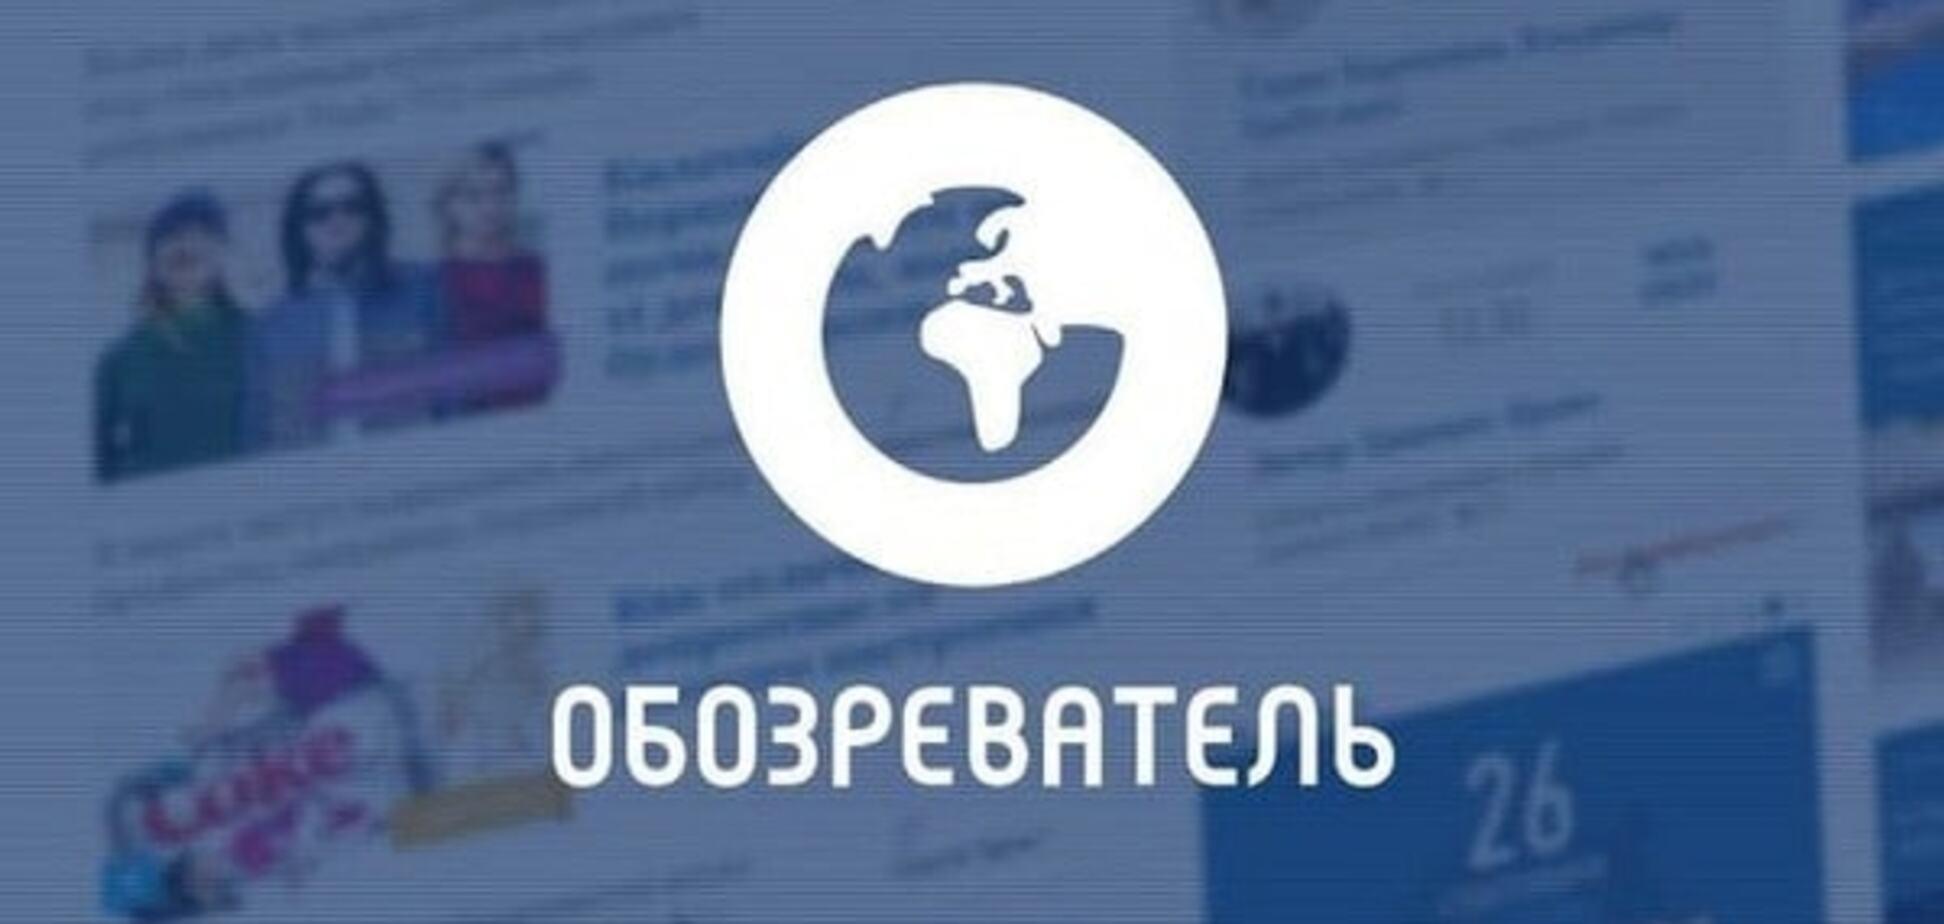 Кого в Украине подкупила компания Teva, или Чего не видят антикоррупционеры